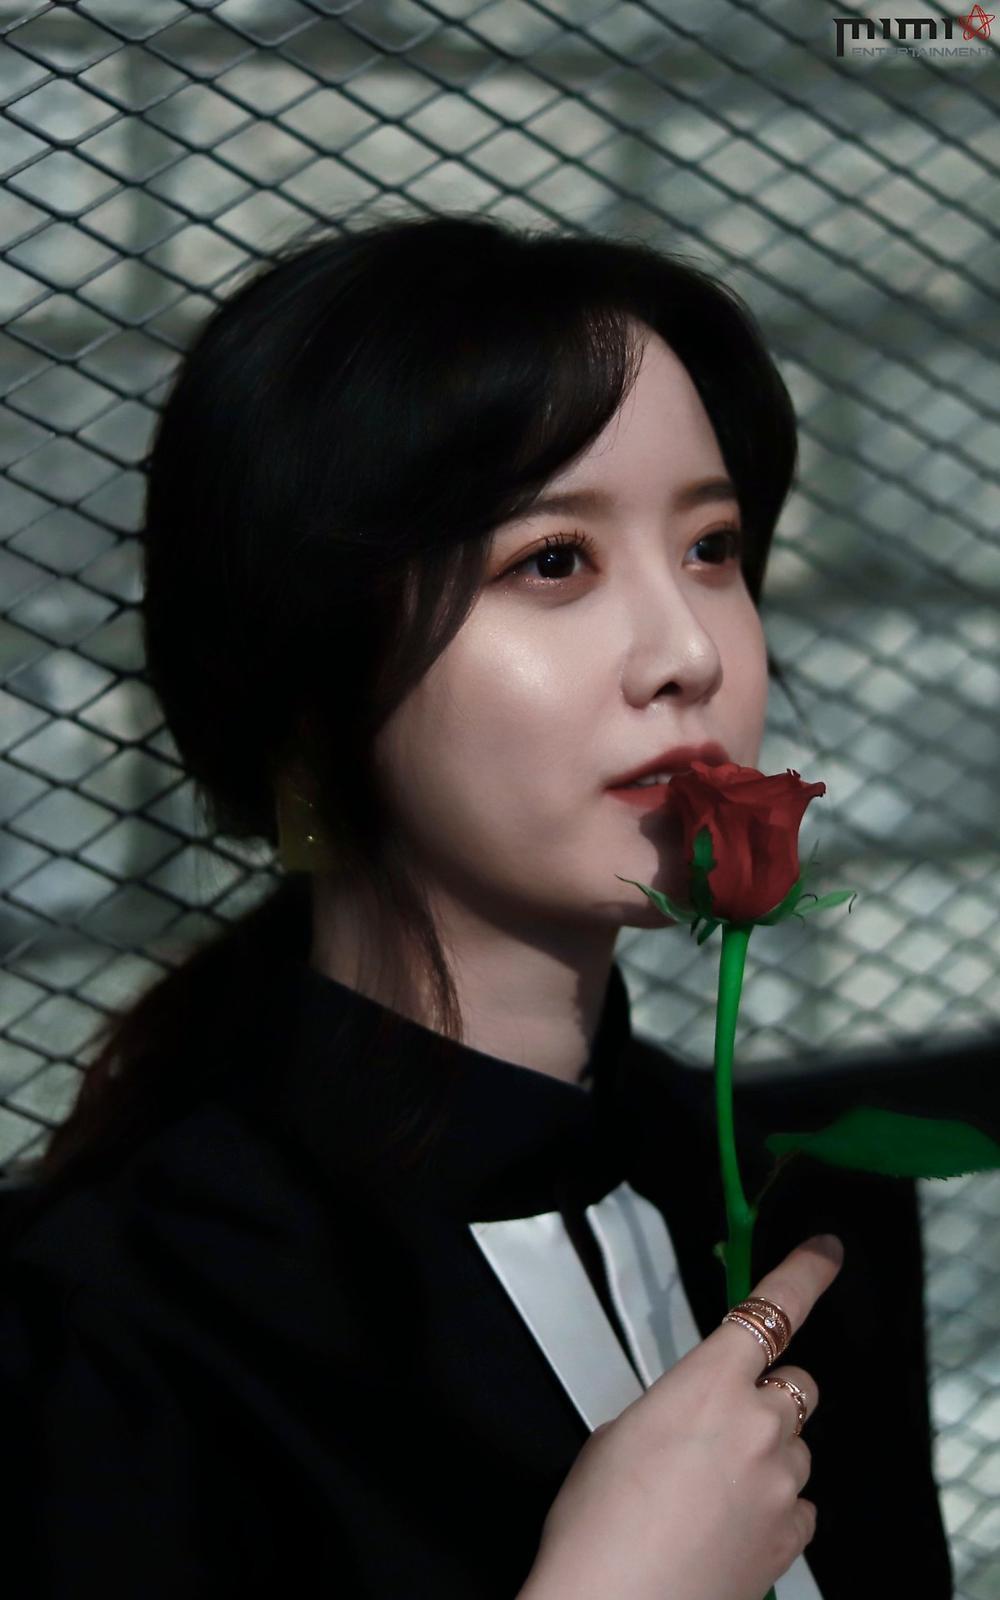 Goo Hye Sun giảm 14 kg, mảnh mai như thời 'Vườn sao băng': Ly hôn là đúng đắn! Ảnh 26